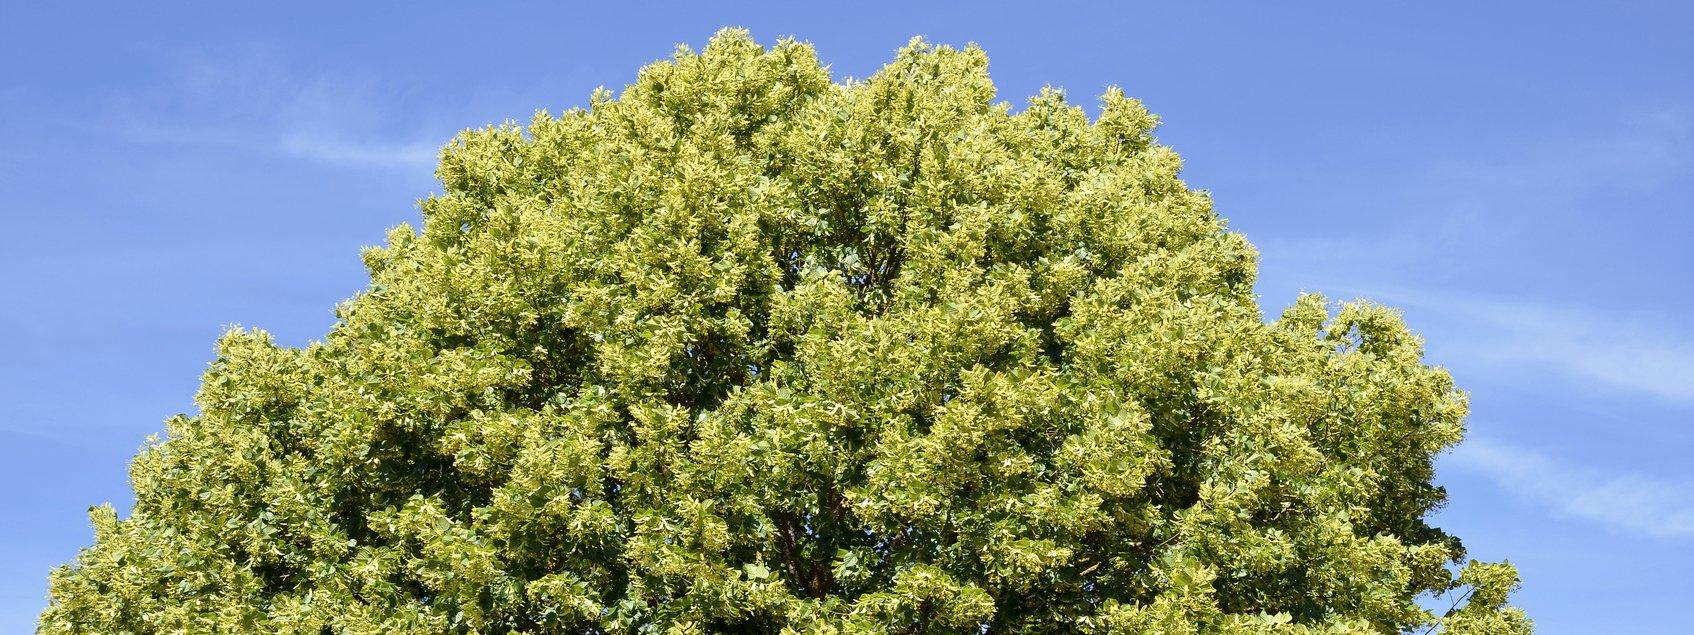 Alberi Ad Alto Fusto Quali Sono alberi per giardino: ecco cinque a crescita rapida più